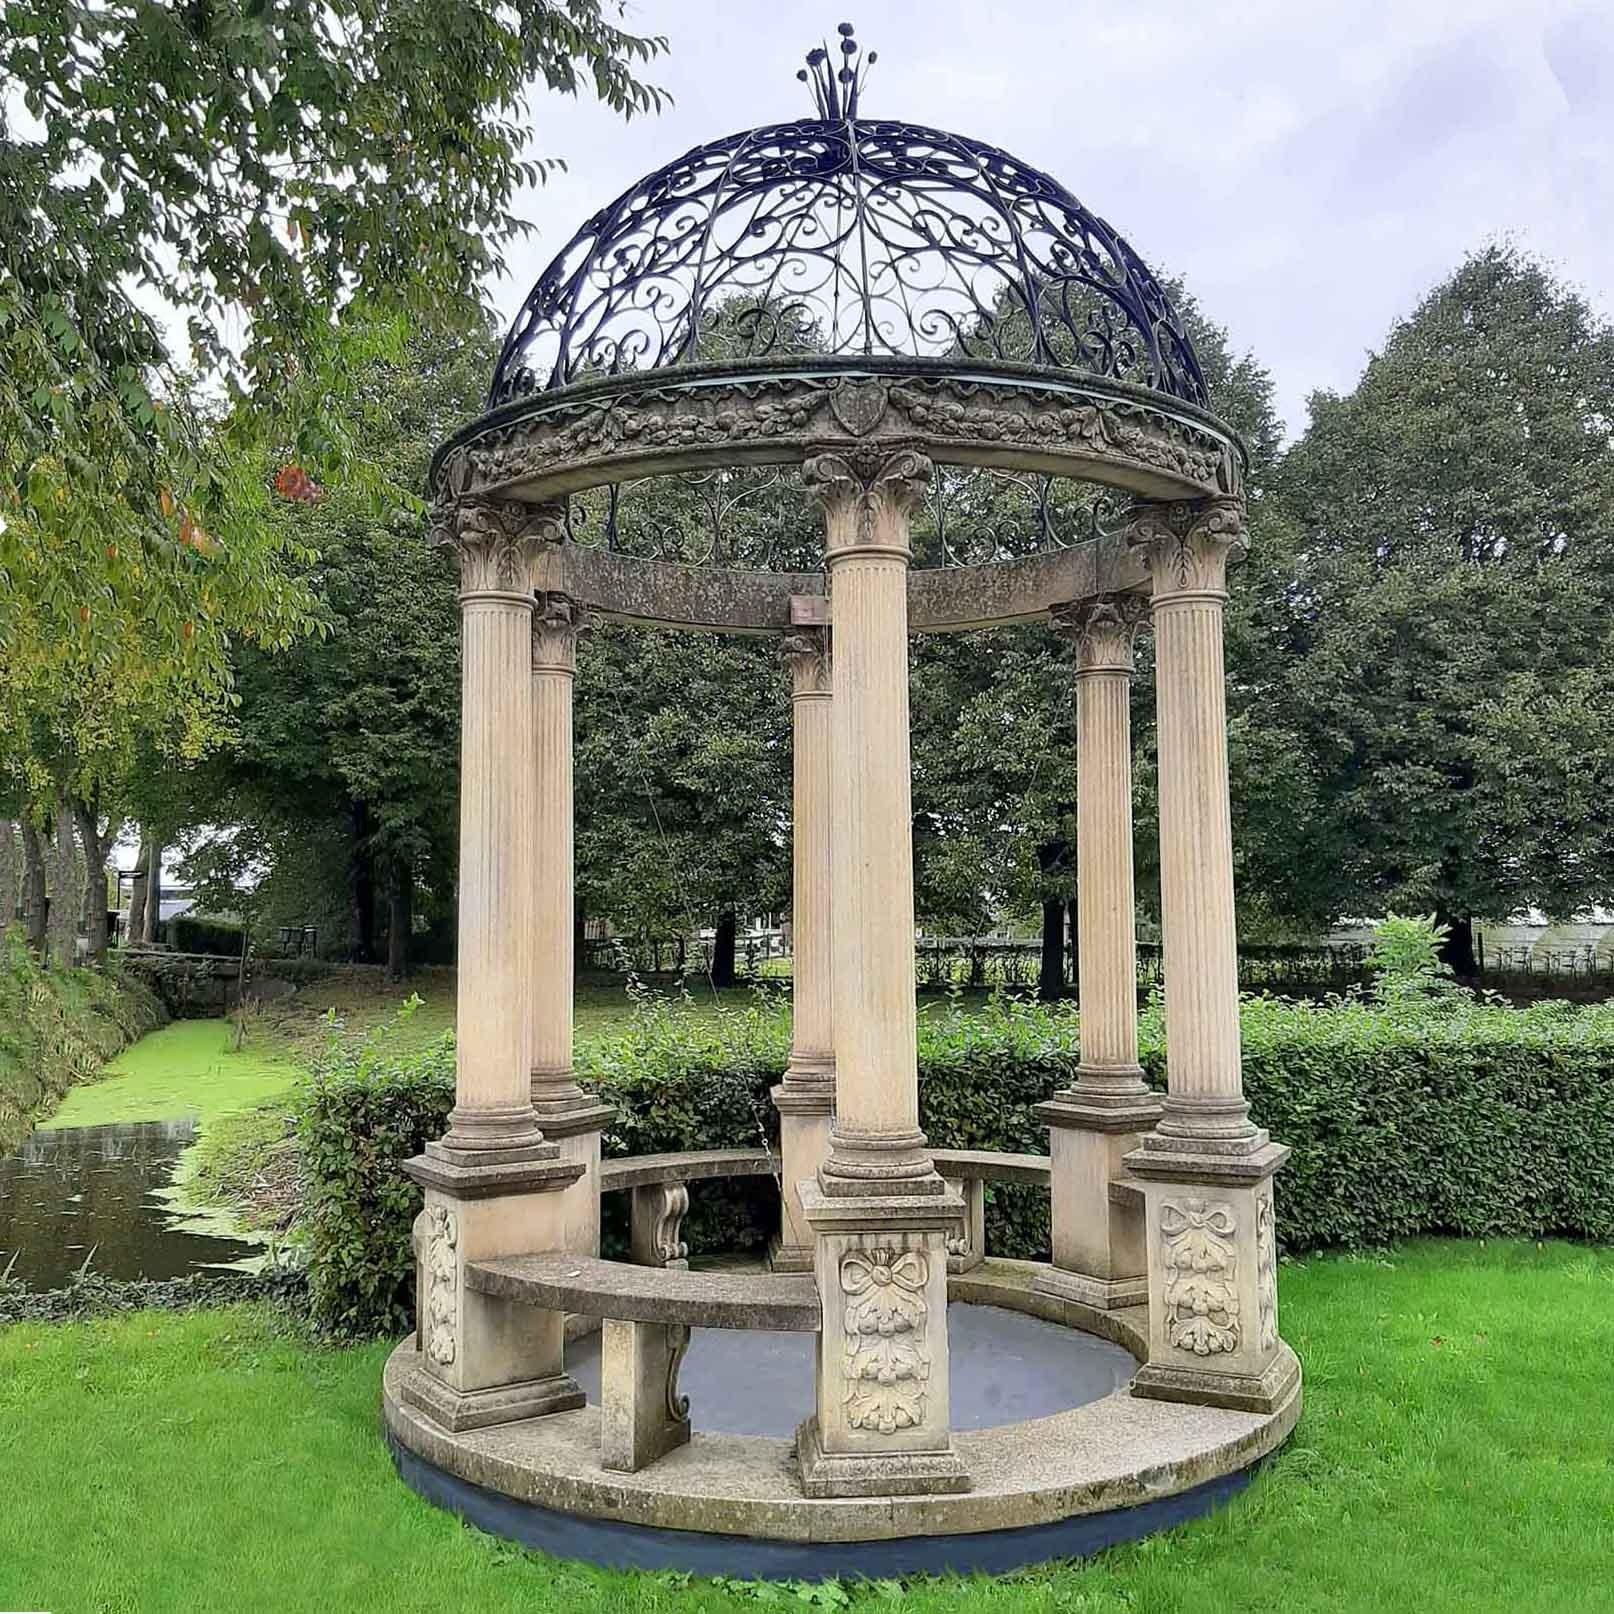 Rotonda oder Garden Gloriette im klassischen Stil mit einer schmiedeeisernen Kuppel